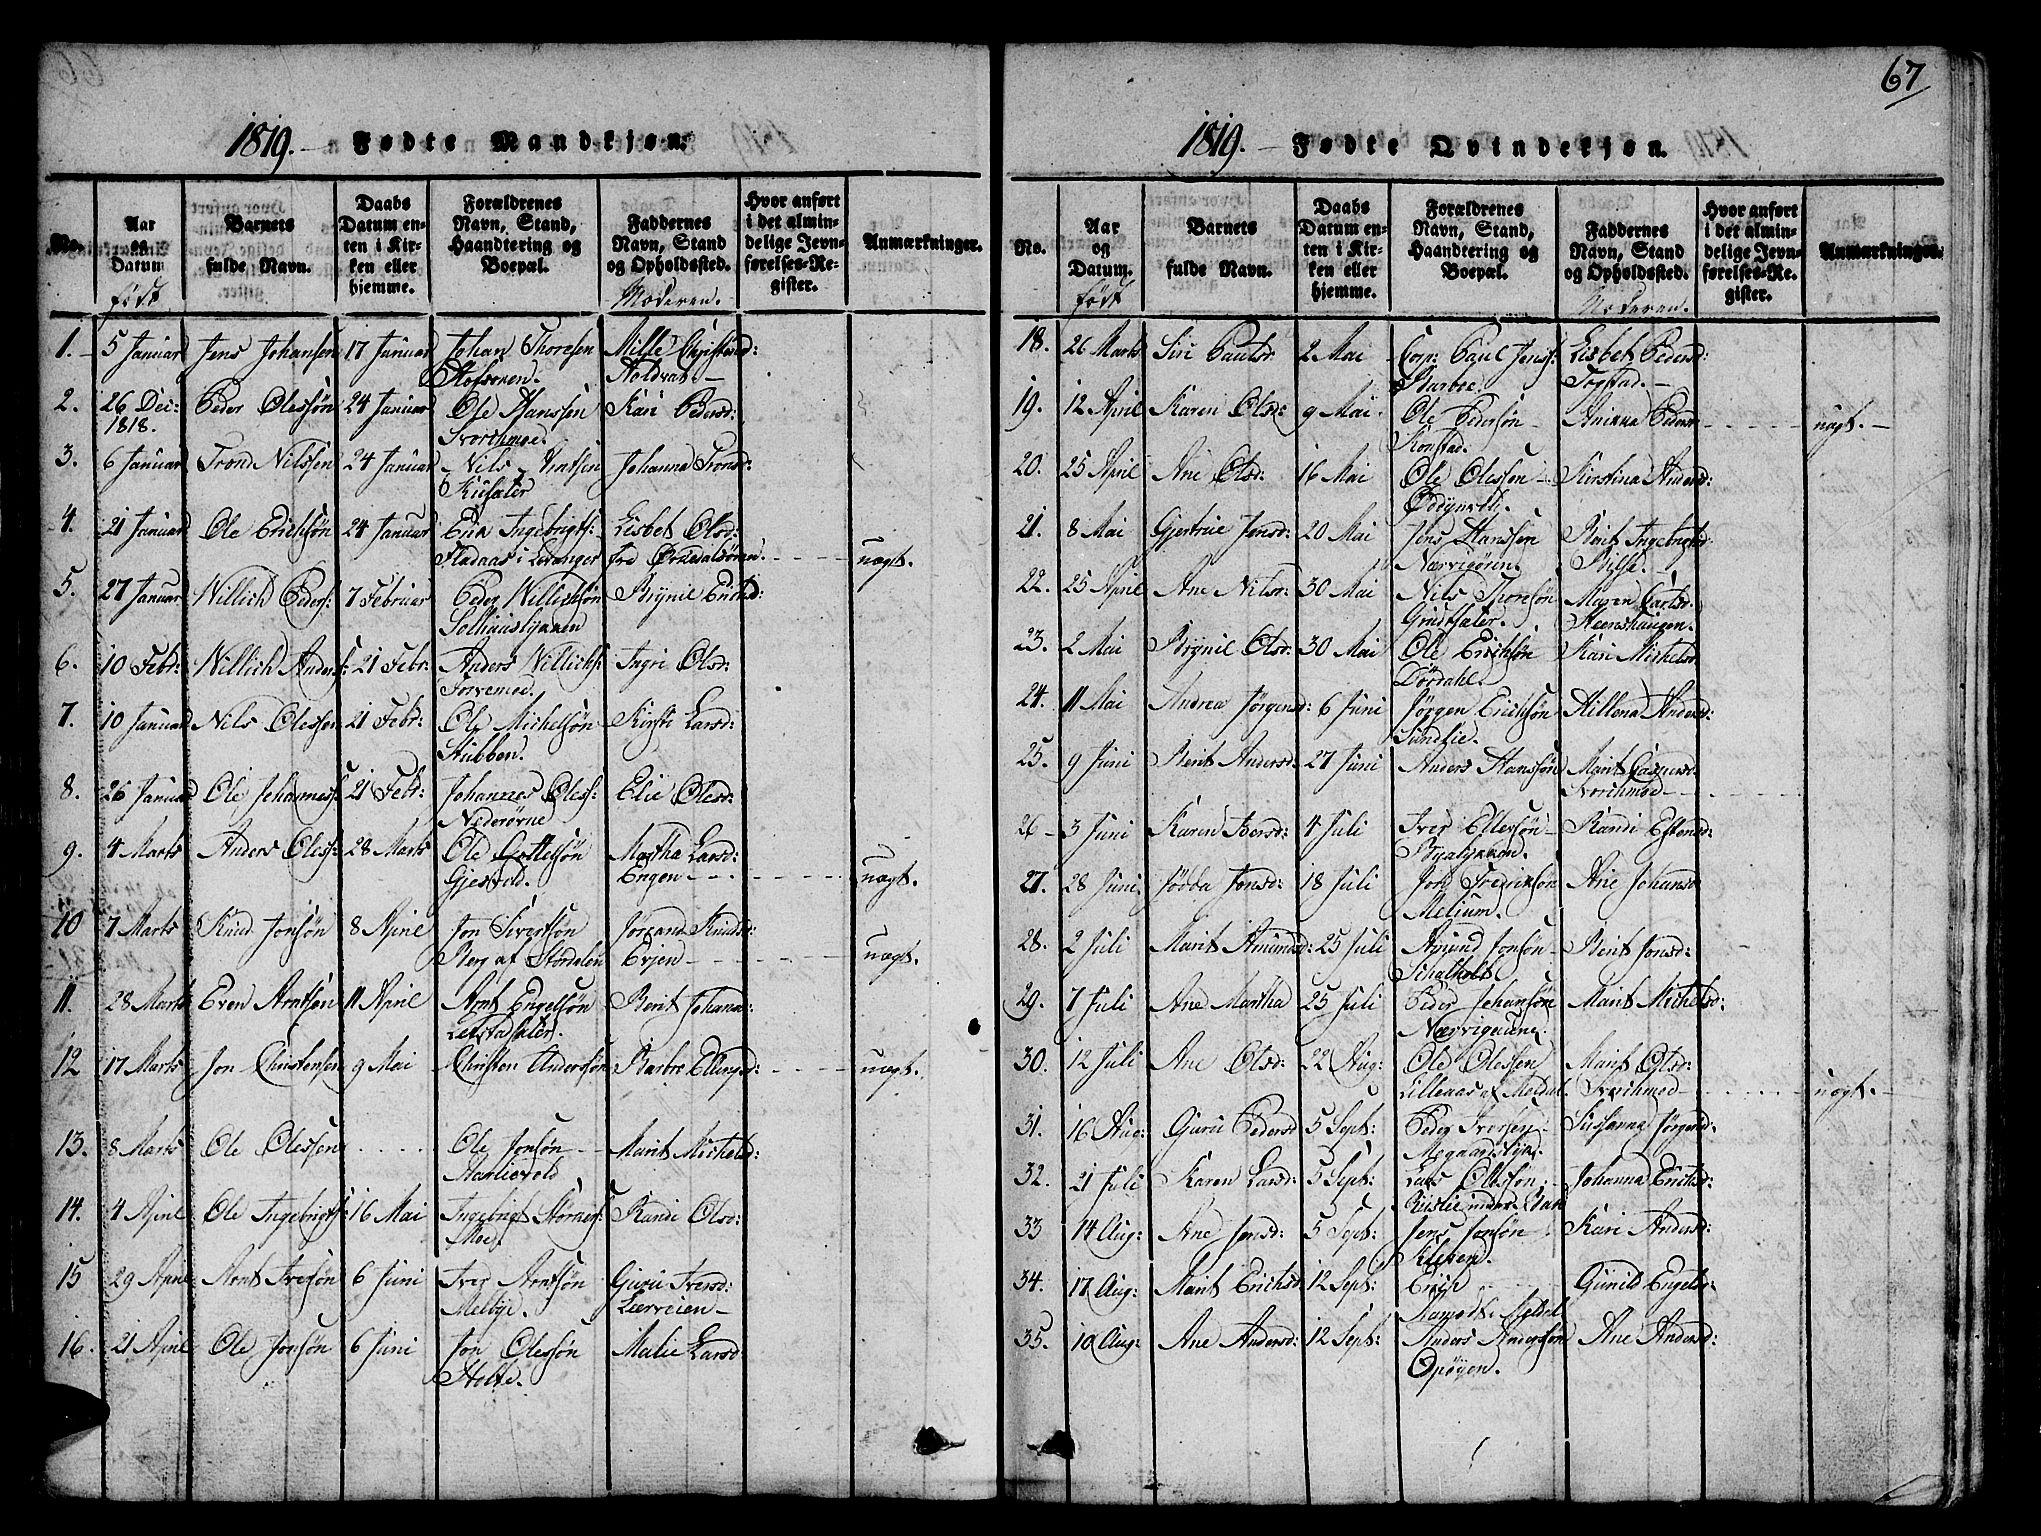 SAT, Ministerialprotokoller, klokkerbøker og fødselsregistre - Sør-Trøndelag, 668/L0803: Ministerialbok nr. 668A03, 1800-1826, s. 67